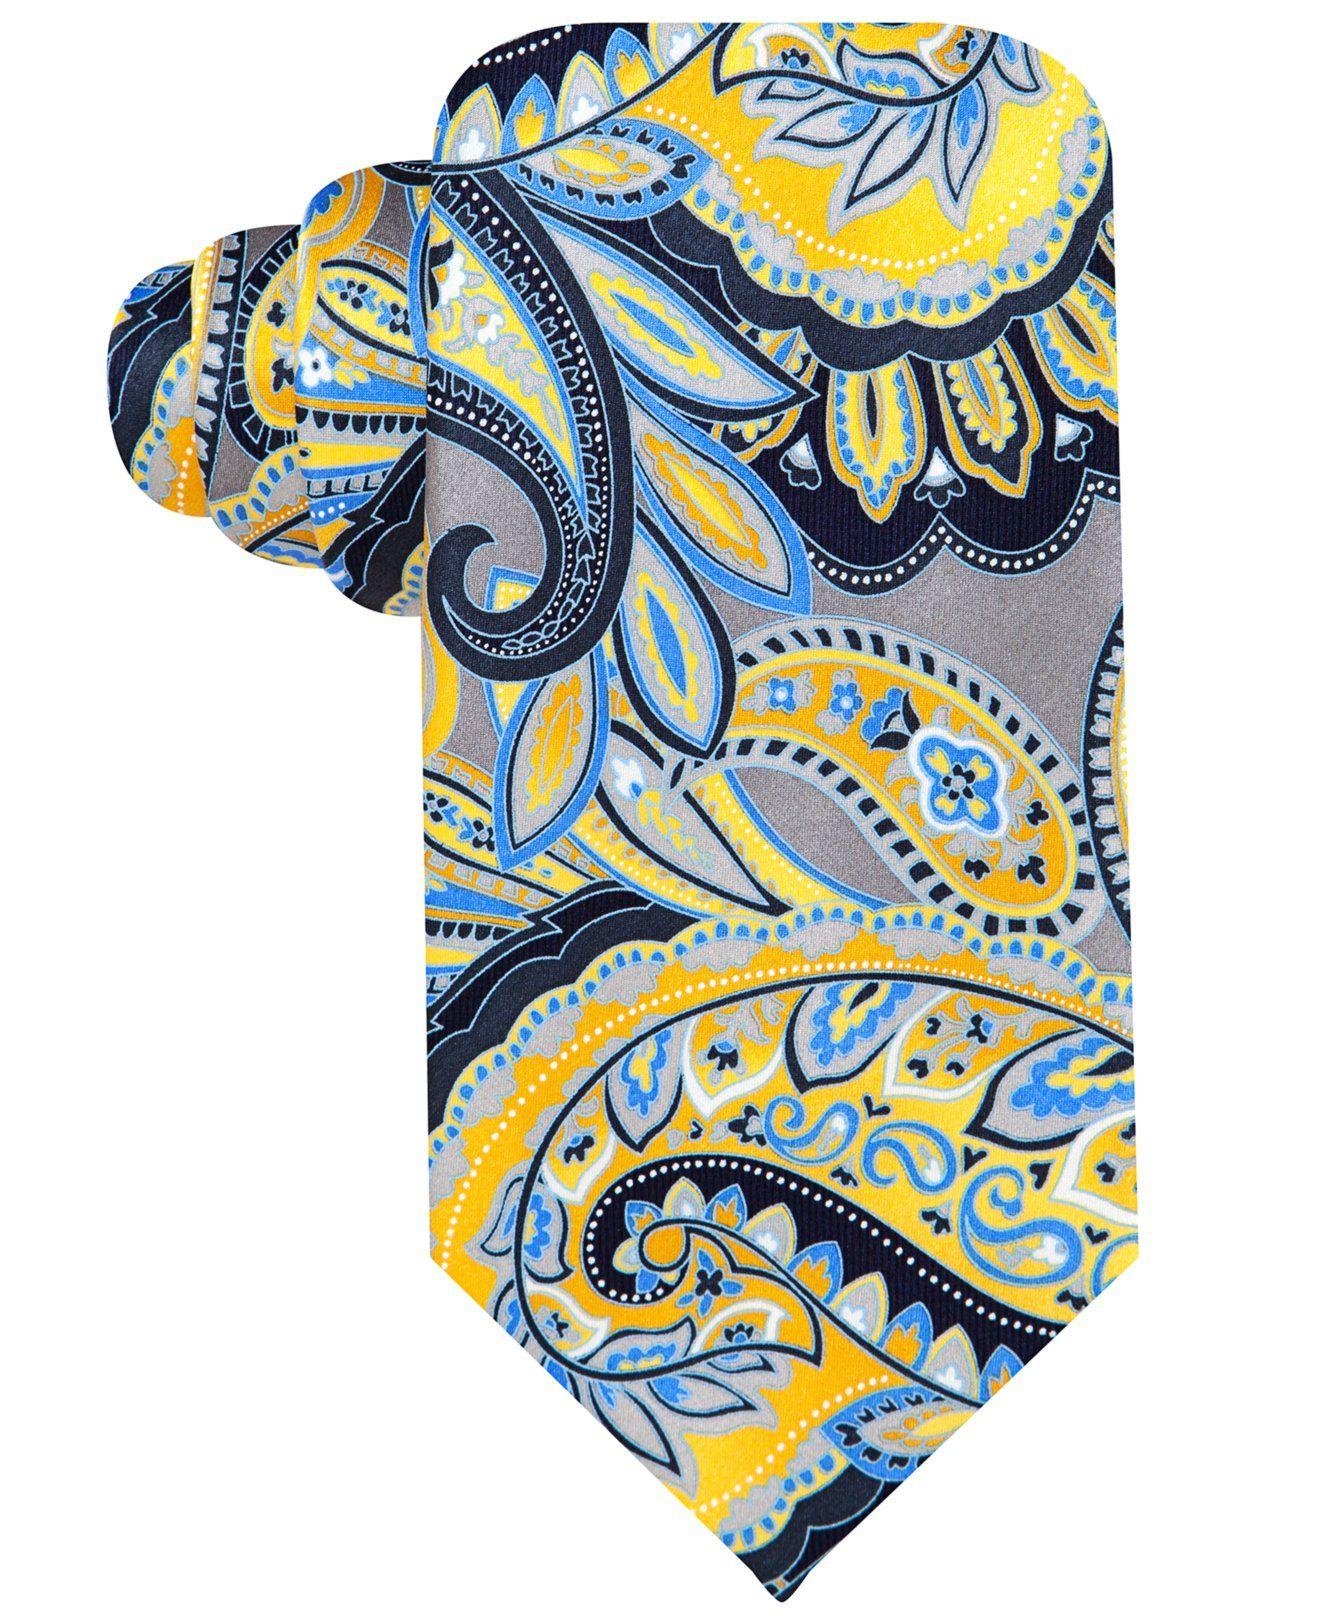 Geoffrey Beene Printed Paisley Tie - Ties & Pocket Squares - Men - Macy's